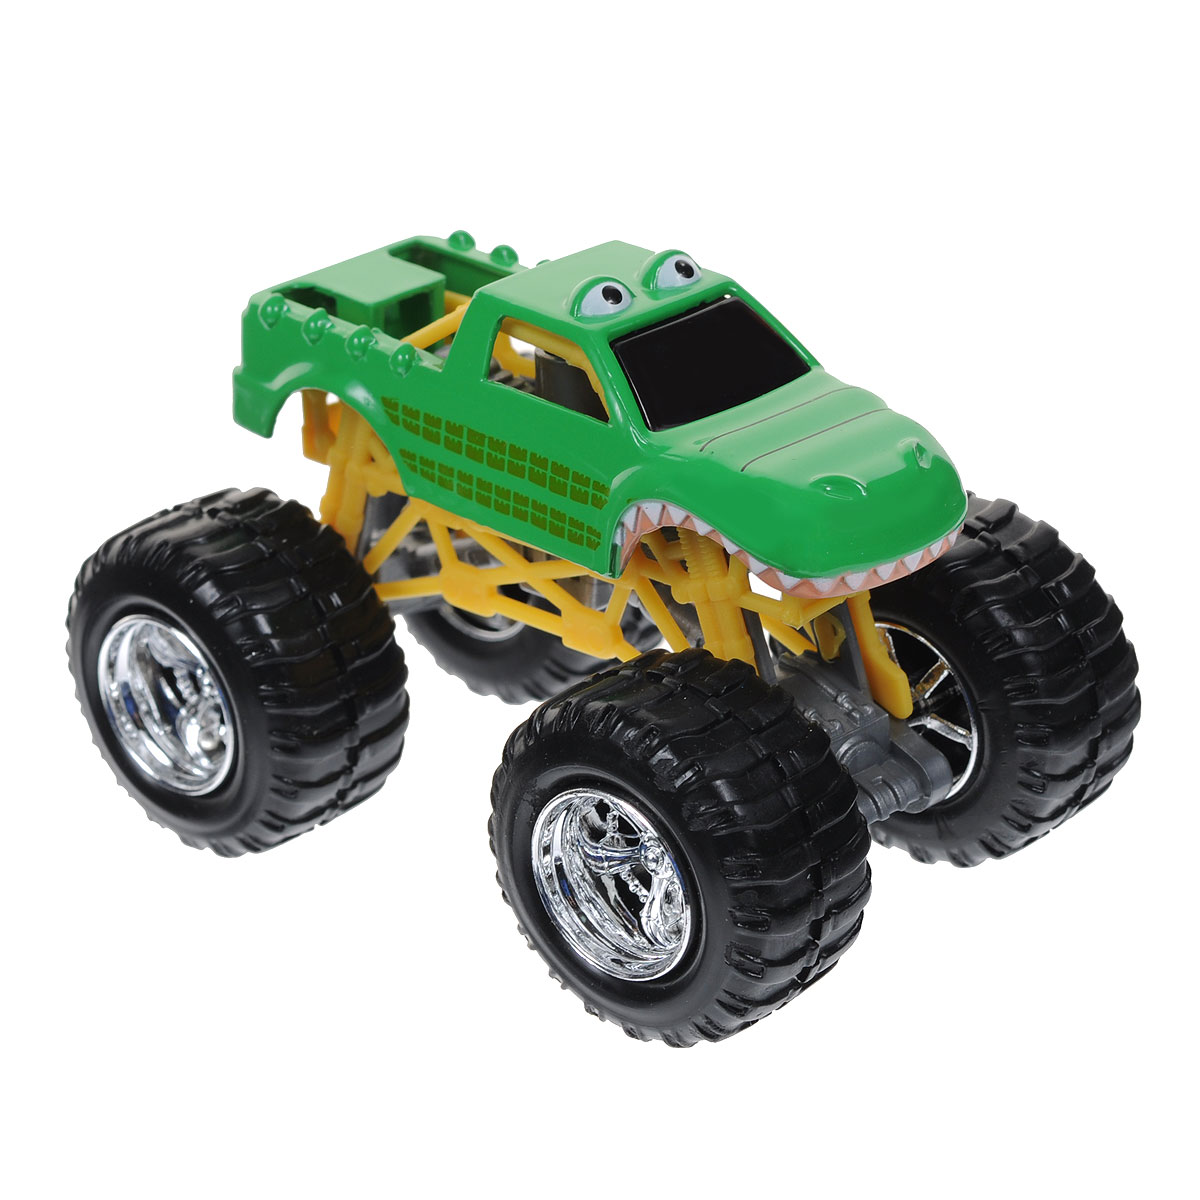 """Машинка MotorMax """"Багги"""" непременно понравится вашему непоседе. Она выполнена из металла и пластика высокого давления по технологии литья die-cast. Машинка оснащена большими колесами, которые не остановит ни одно препятствие, а также подвеской, которая действительно работает и выполняет свою функцию, смягчая толчки от езды по неровной поверхности. Подвижные соединения на осях делают автомобиль более маневренным. Корпус изготовлен в виде крокодила. Шины выполнены из резины, корпус детально проработан, что придает багги реалистичности. Ваш ребенок будет в восторге от такого подарка! Коллекция Mighty Monsters от компании Motormax понравится любителям действительно больших и мощных машин. Линейка представлена масштабными автомобилями багги разных цветов, выполненными с высокой достоверностью."""